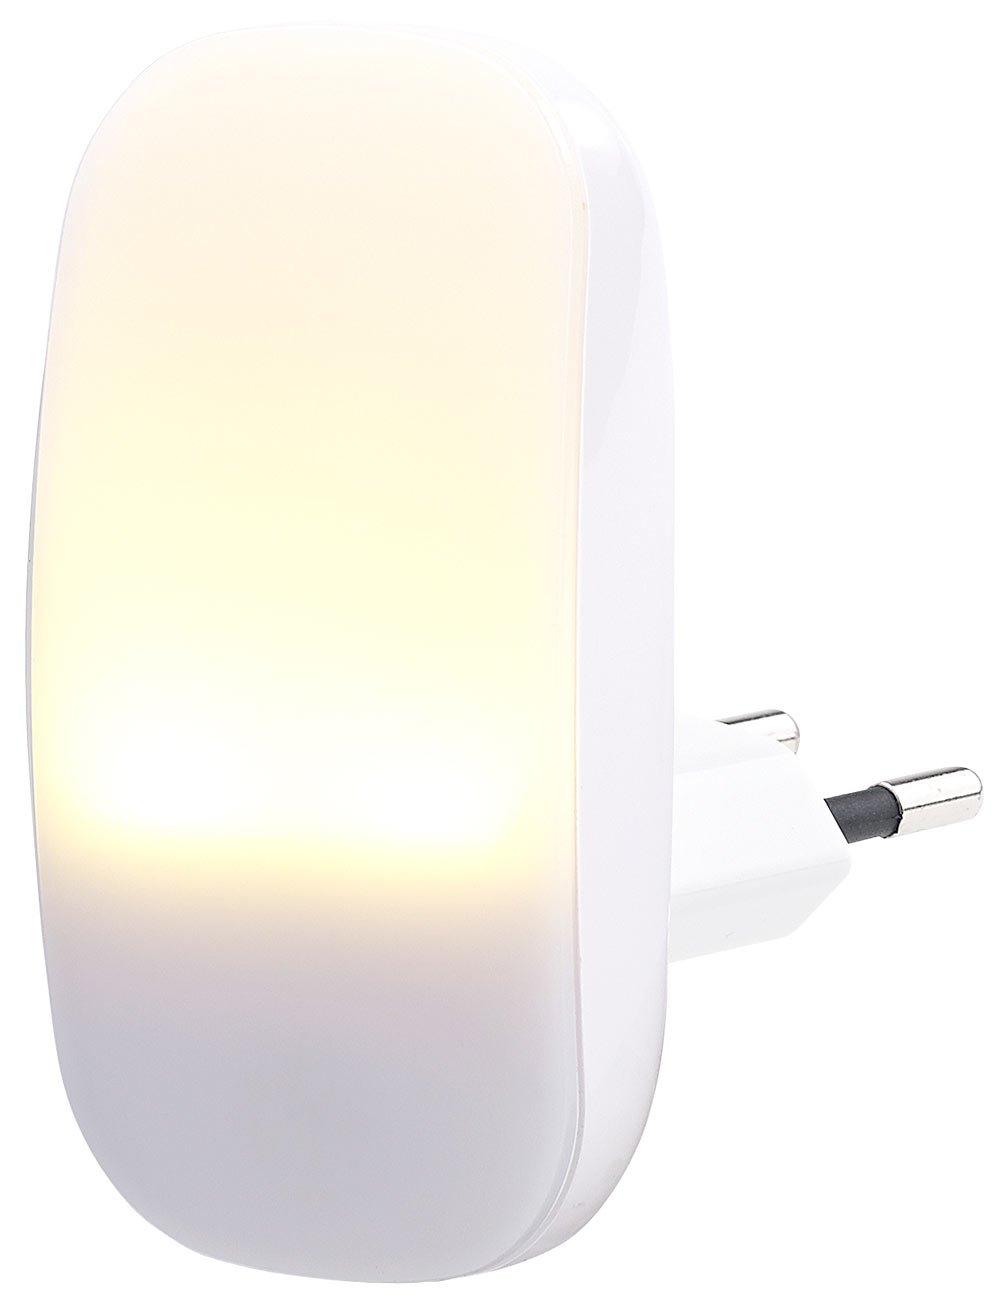 Lunartec Nachtlampe: Kompaktes LED-Steckdosen-Nachtlicht, Dämmerungssensor, 1 lm, 0,25 W (Nacht-Licht) Dämmerungssensor